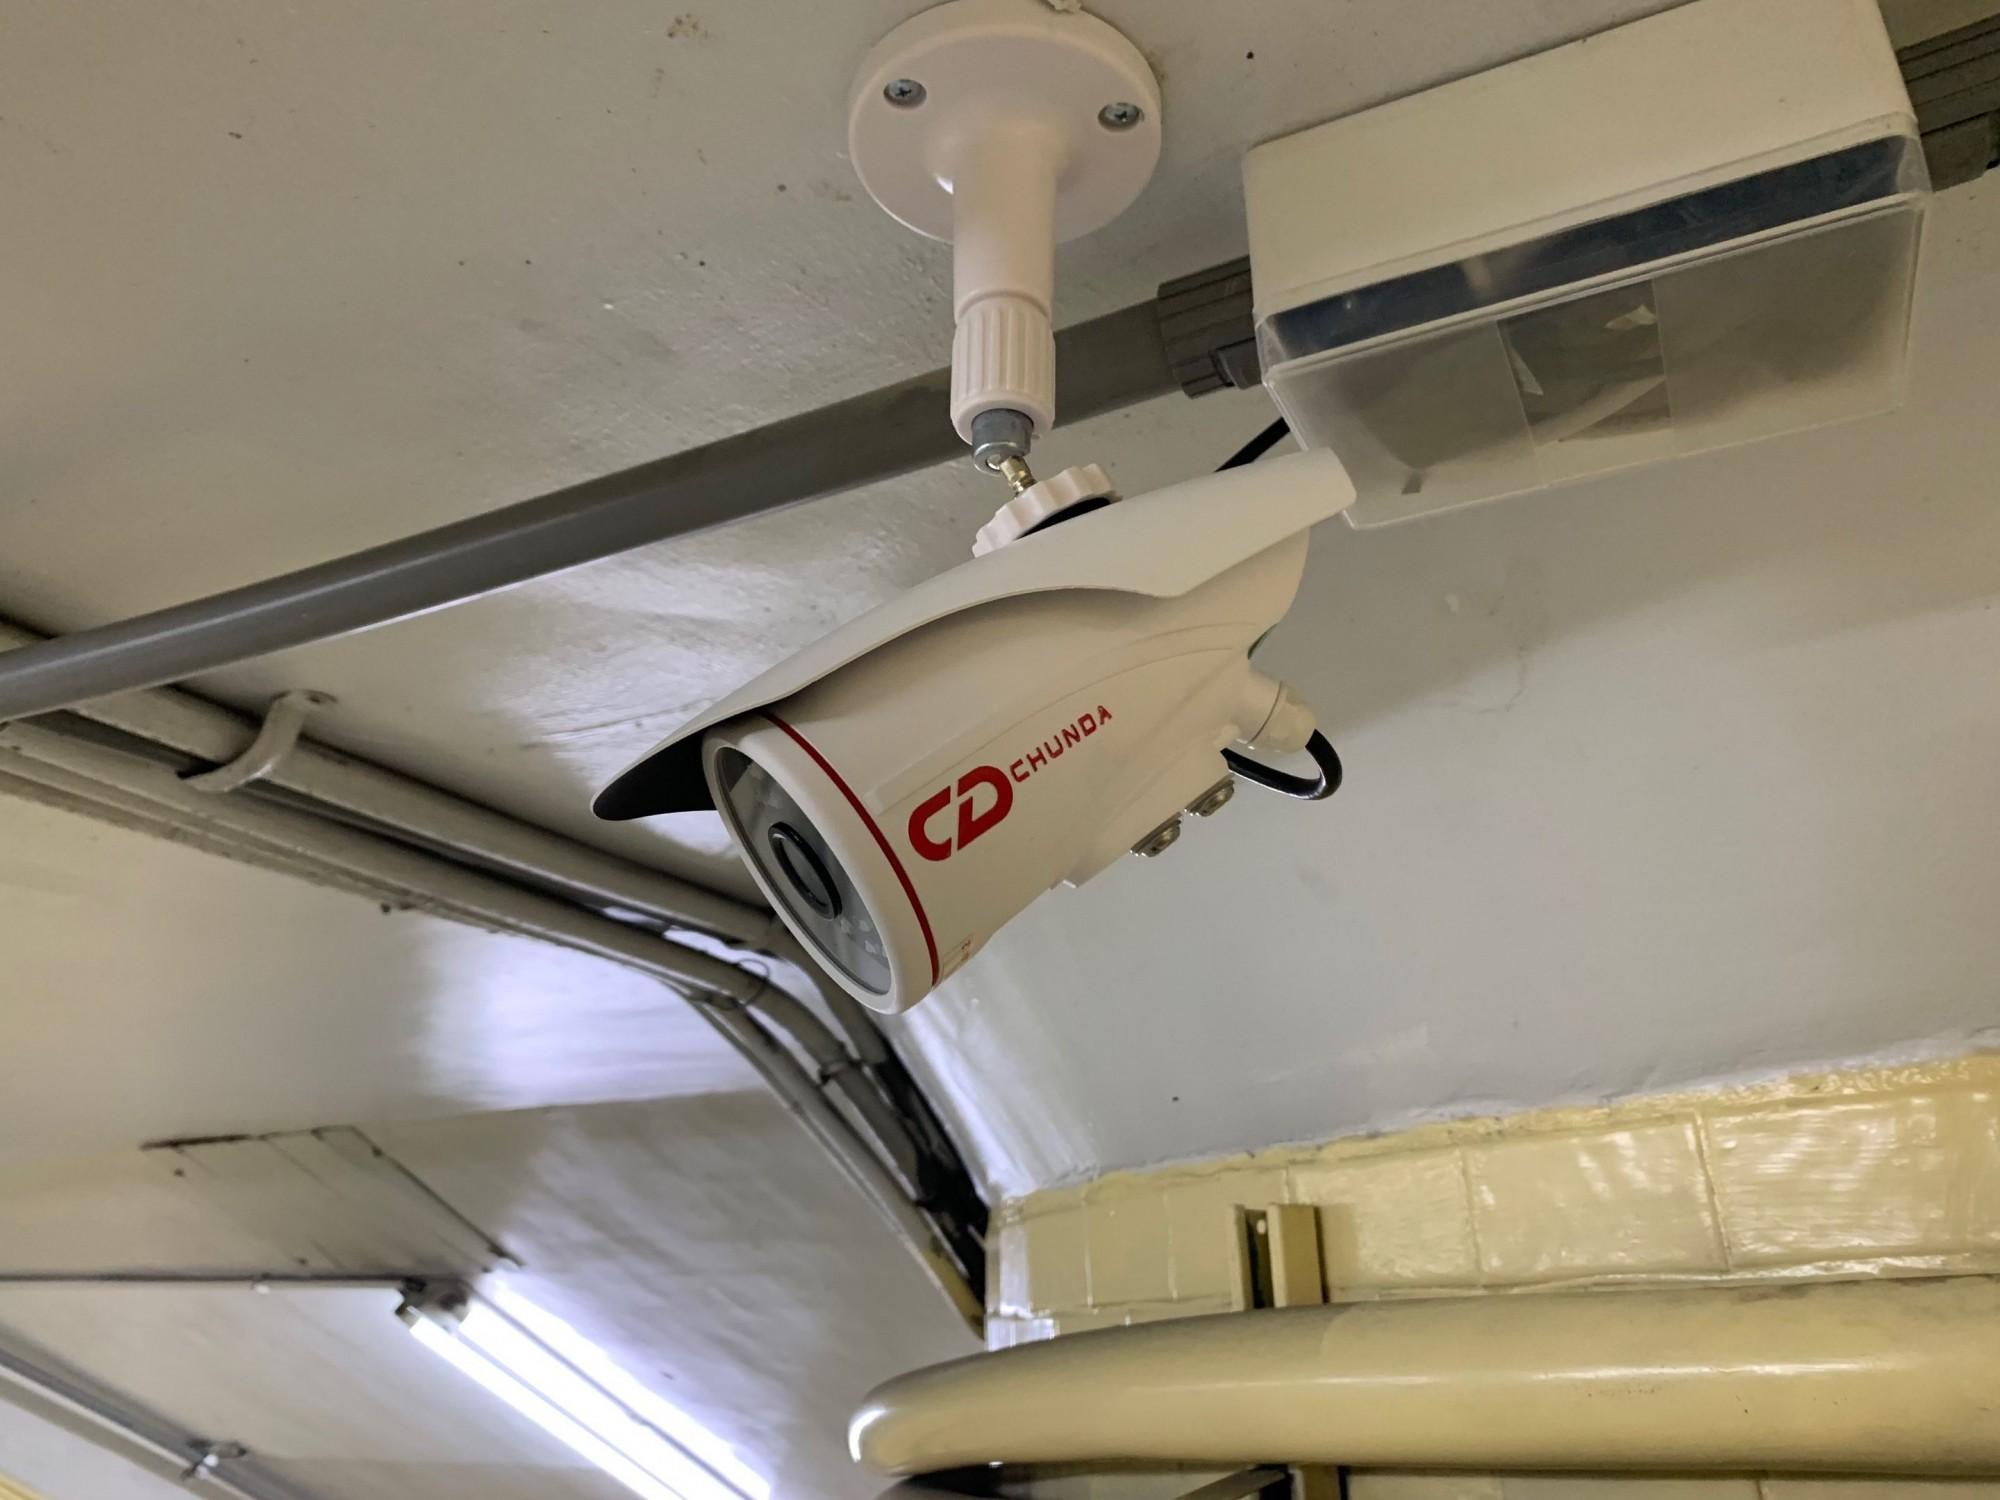 台灣大道多處地下道裝設的中國海康威視監視器,正逐步汰換台灣本地產品。(記者黃鐘山攝)